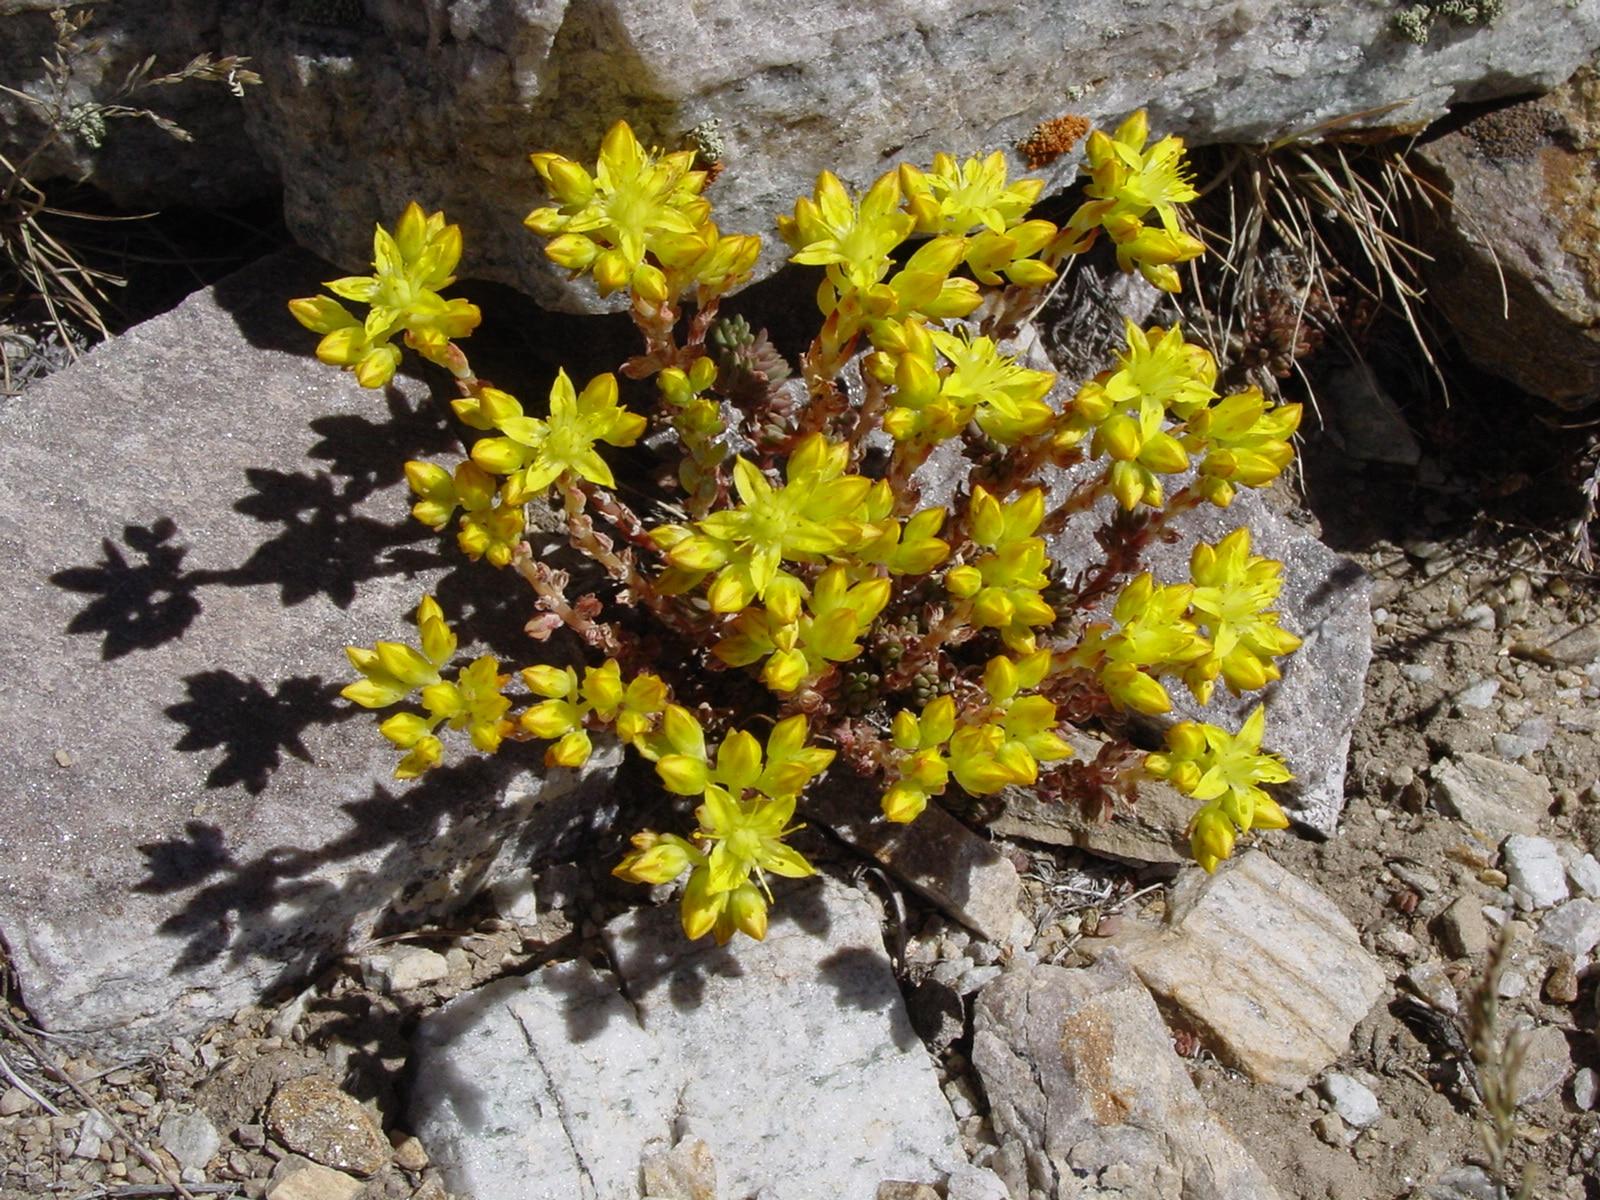 Sedum. (Stonecrops). Crassulaceae Family.